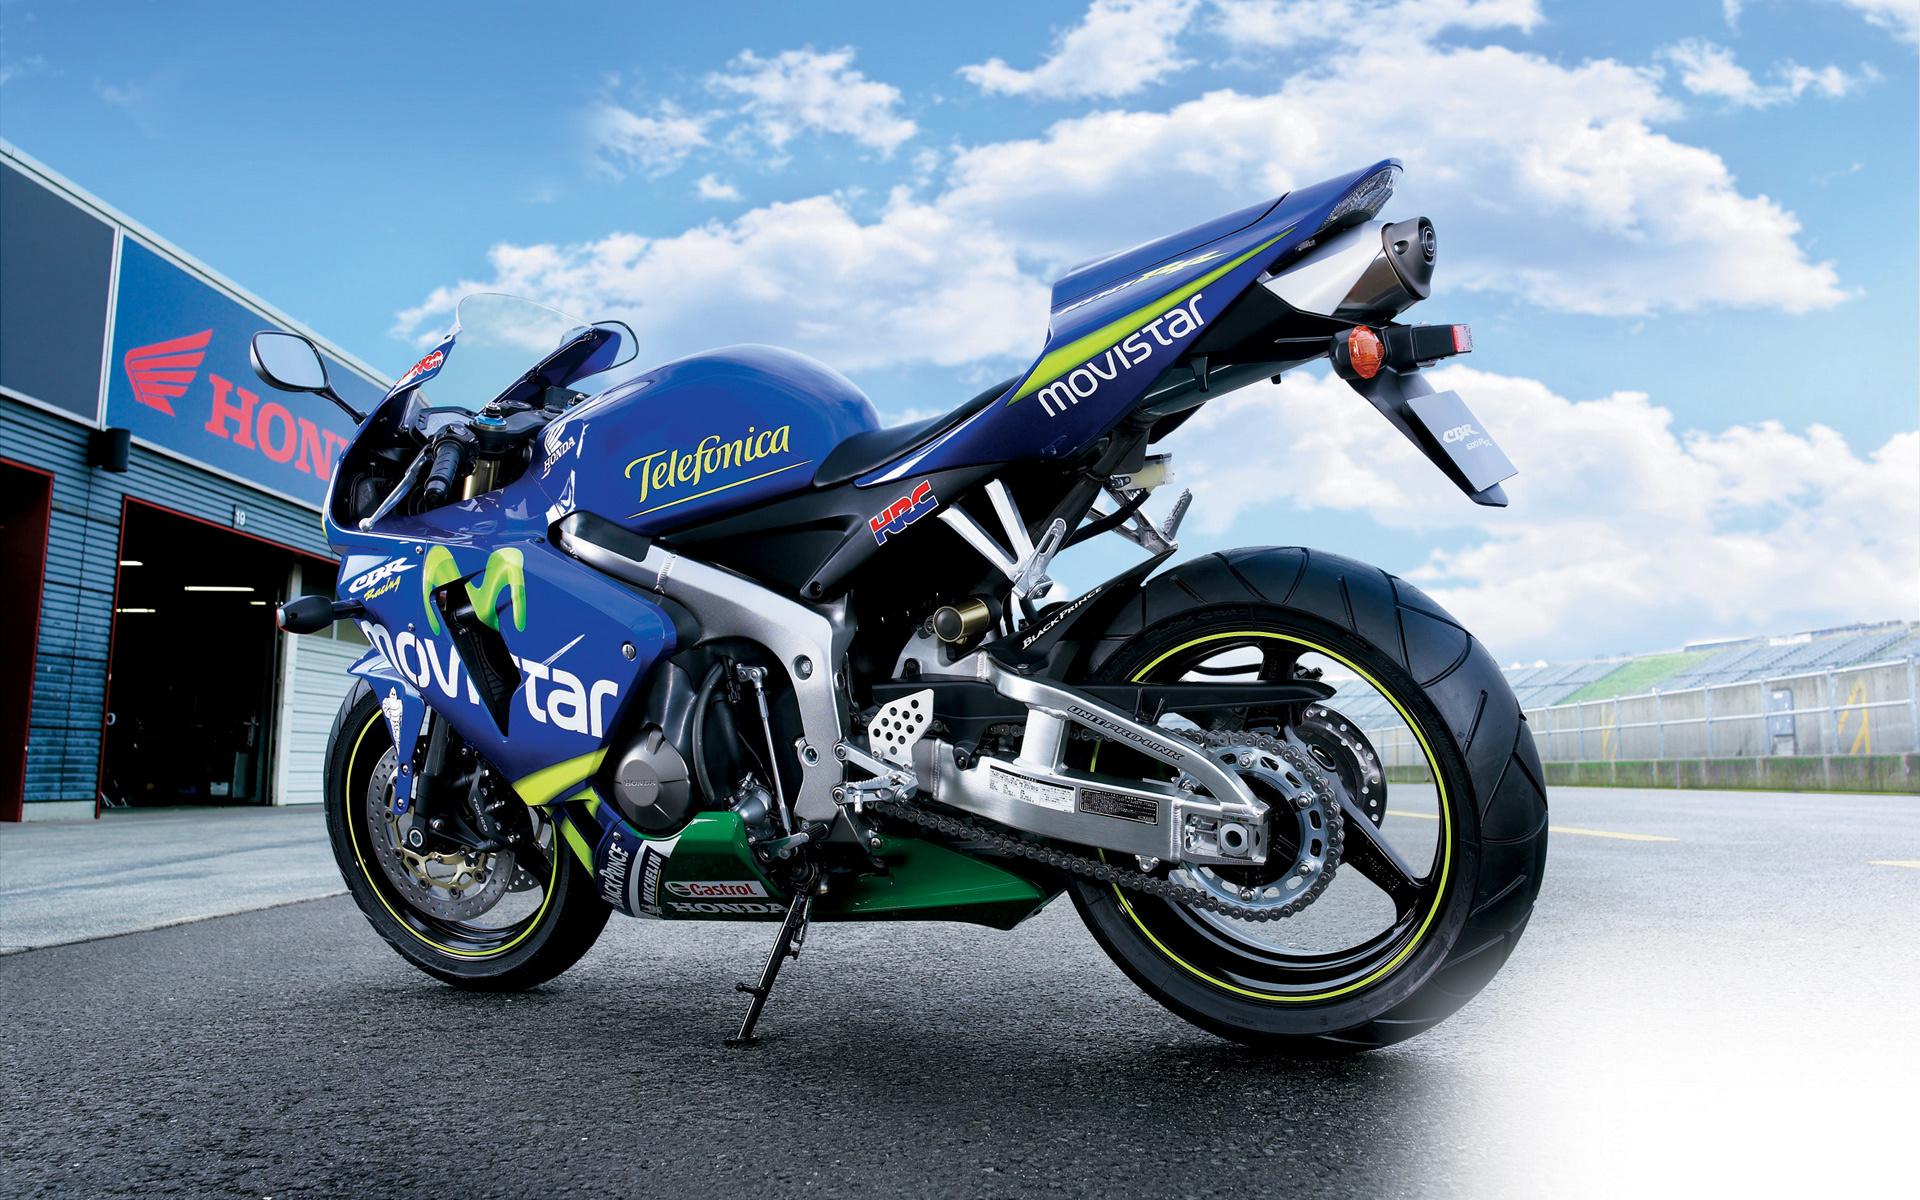 Honda CBR 600rr Movistar wallpaper 1920x1200 15667 1920x1200